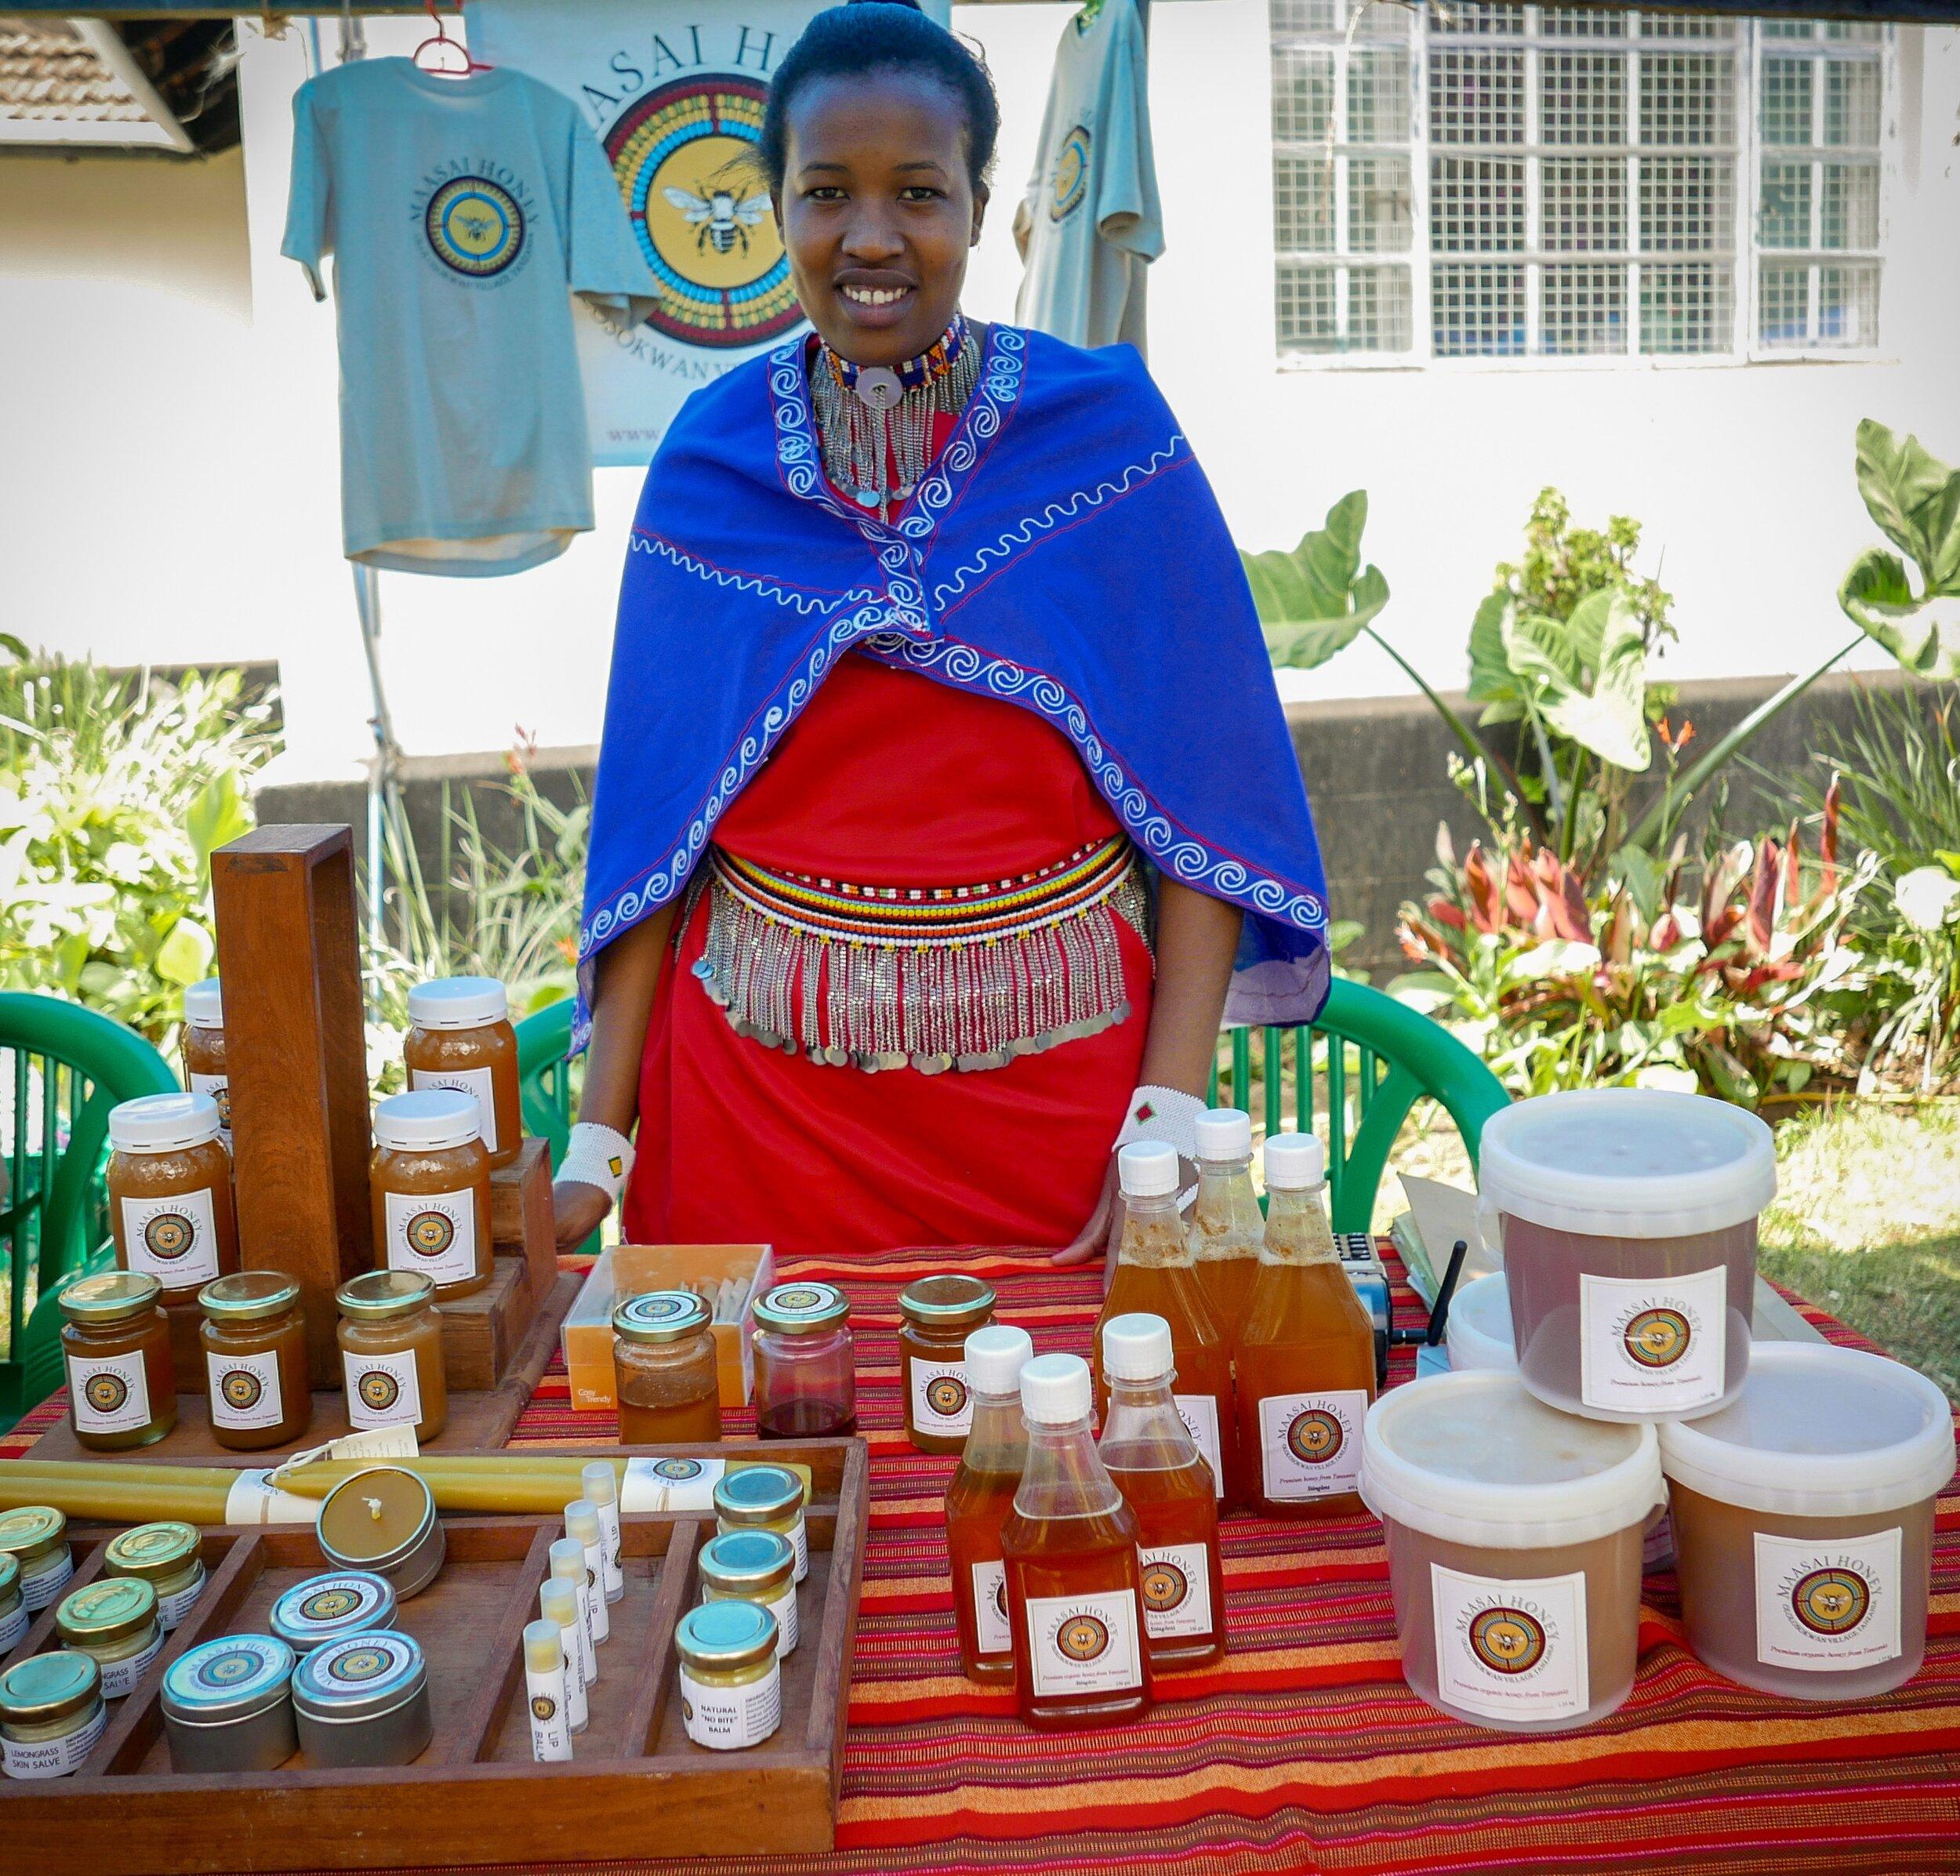 201909_07 Farmers Market Arusha_Naomi.jpeg